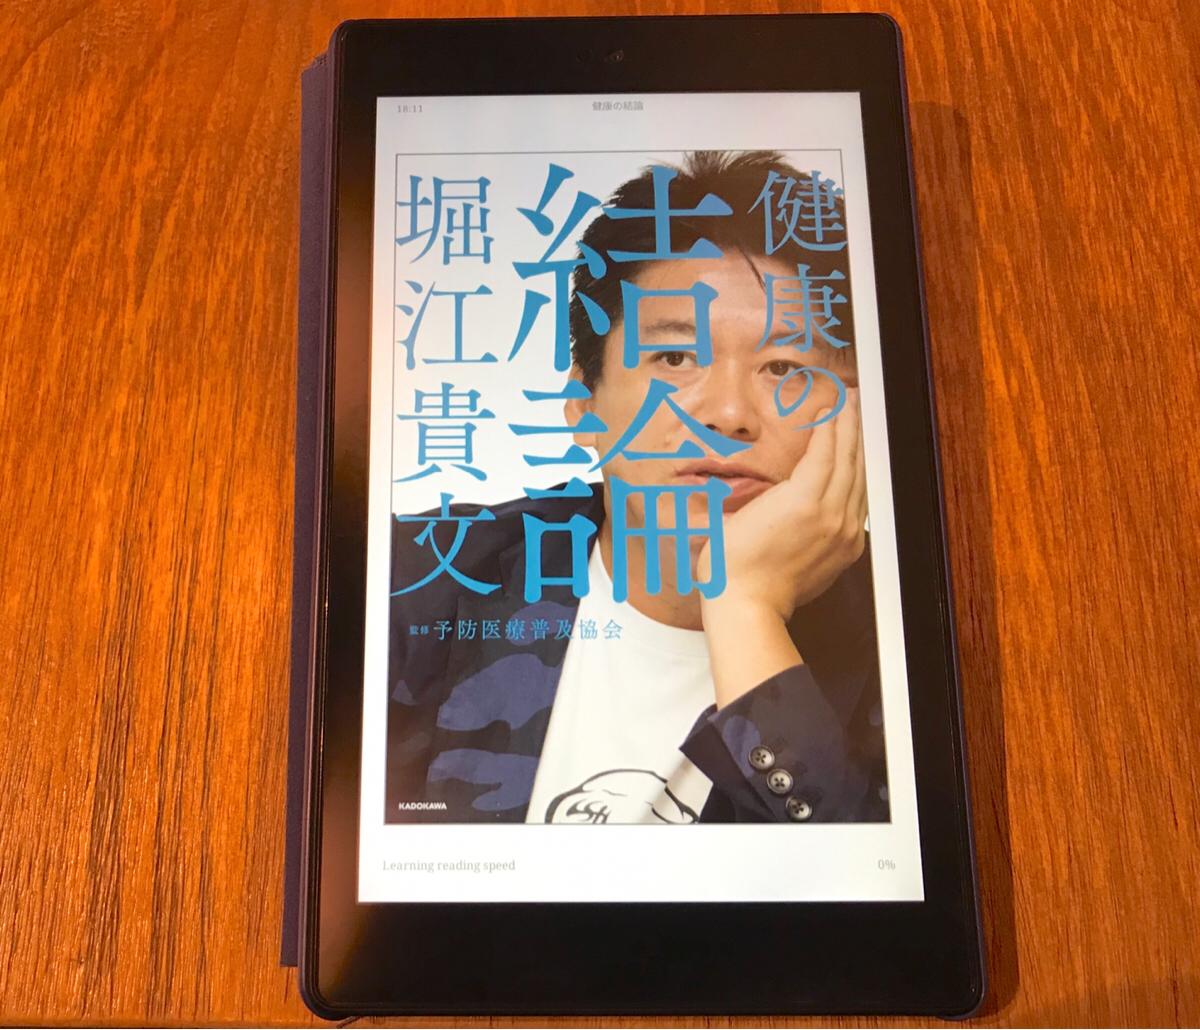 堀江貴文さんの「健康の結論」を読んで、大腸がん検診・AED・脳卒中について思ったことを書いてみた